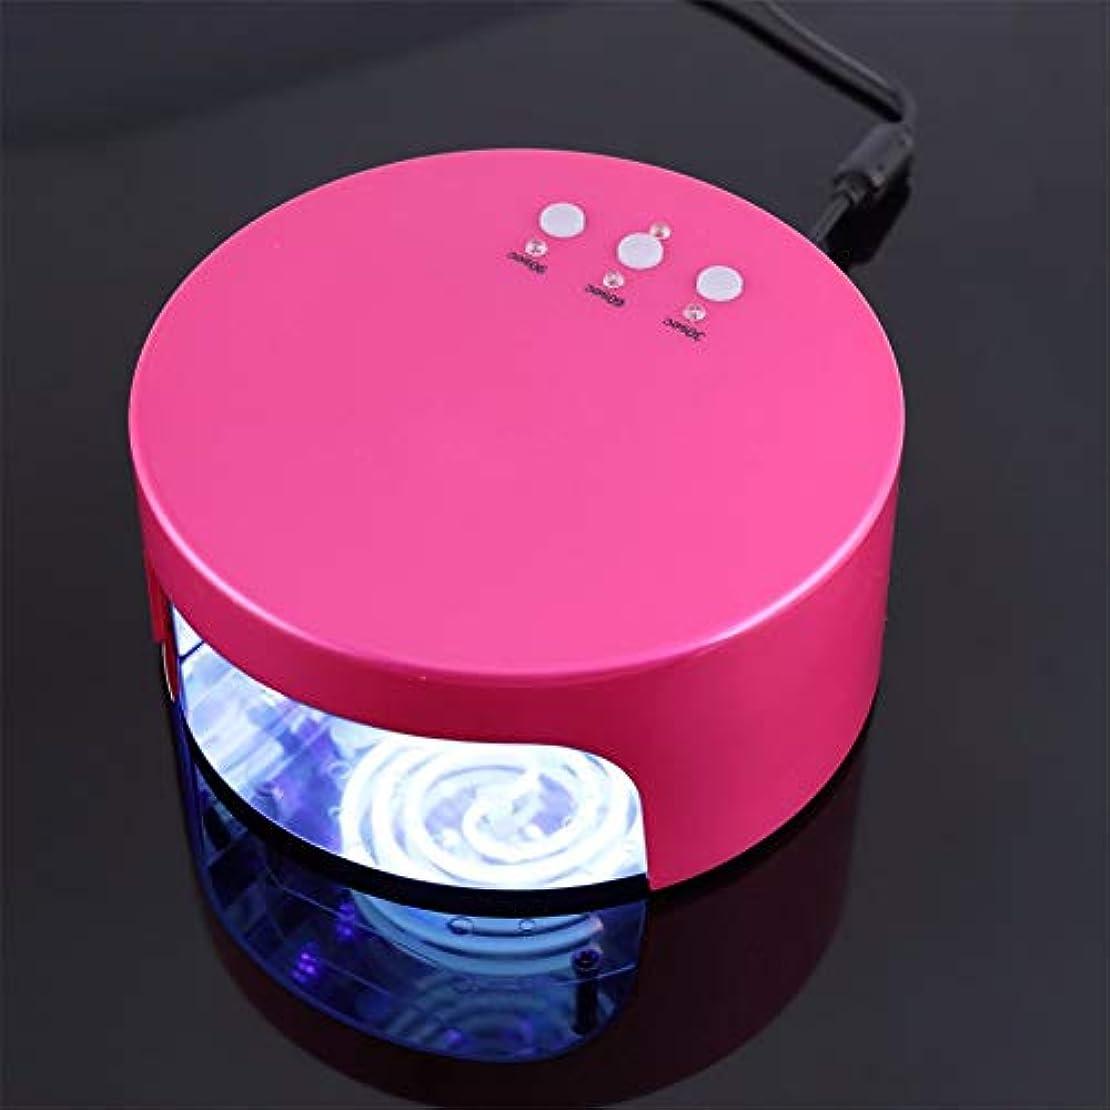 贅沢な闇今36 w Led使用LEDネイルドライヤーCCFLゲル硬化UVランプネイルライトマシン強力なネイルアートドライヤーEUプラグ